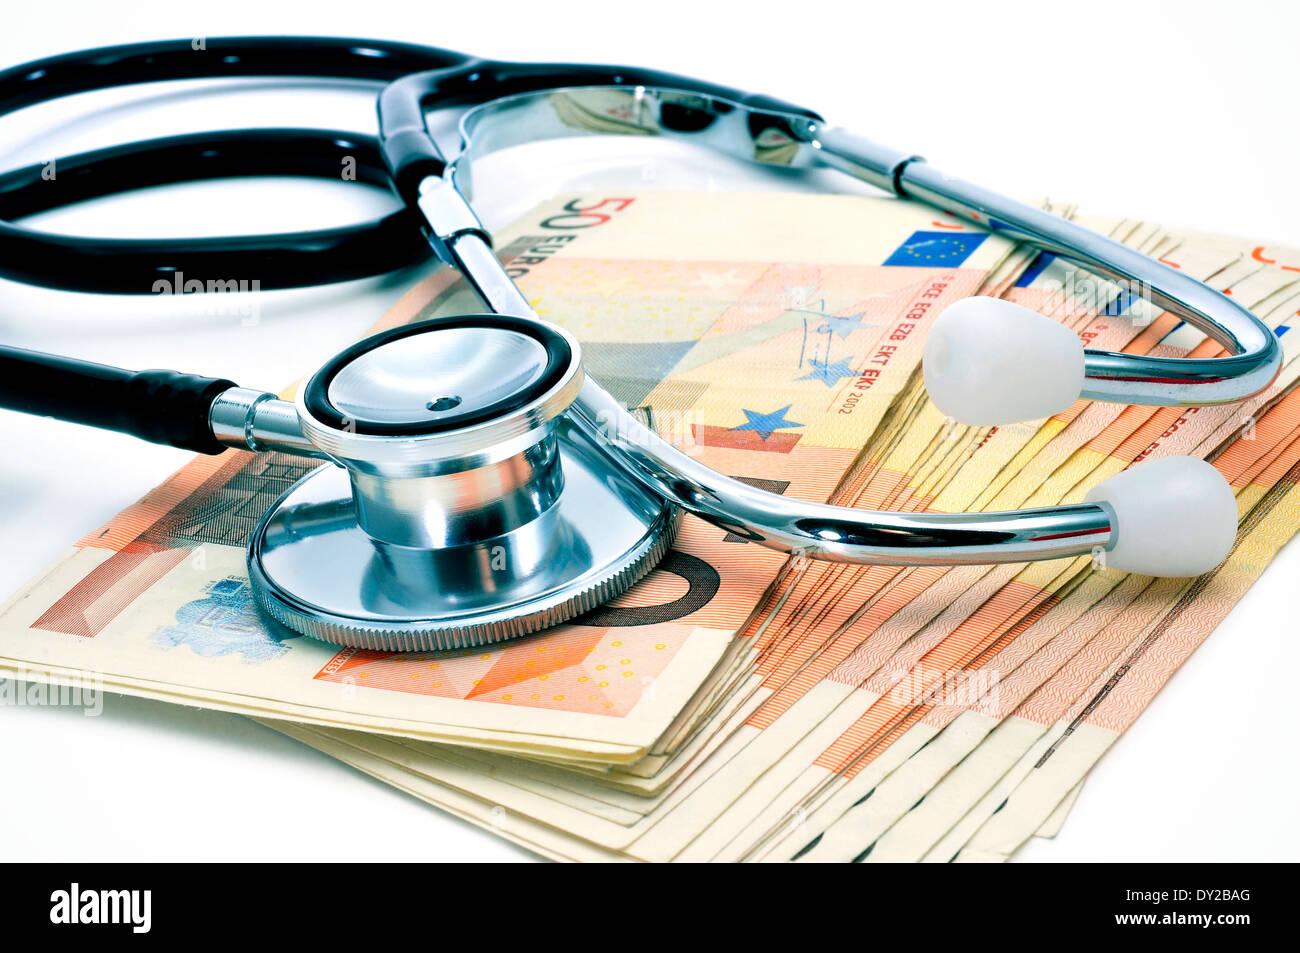 Un stéthoscope sur un tas de projets de l'euro, représentant le concept de l'industrie des soins de santé Photo Stock